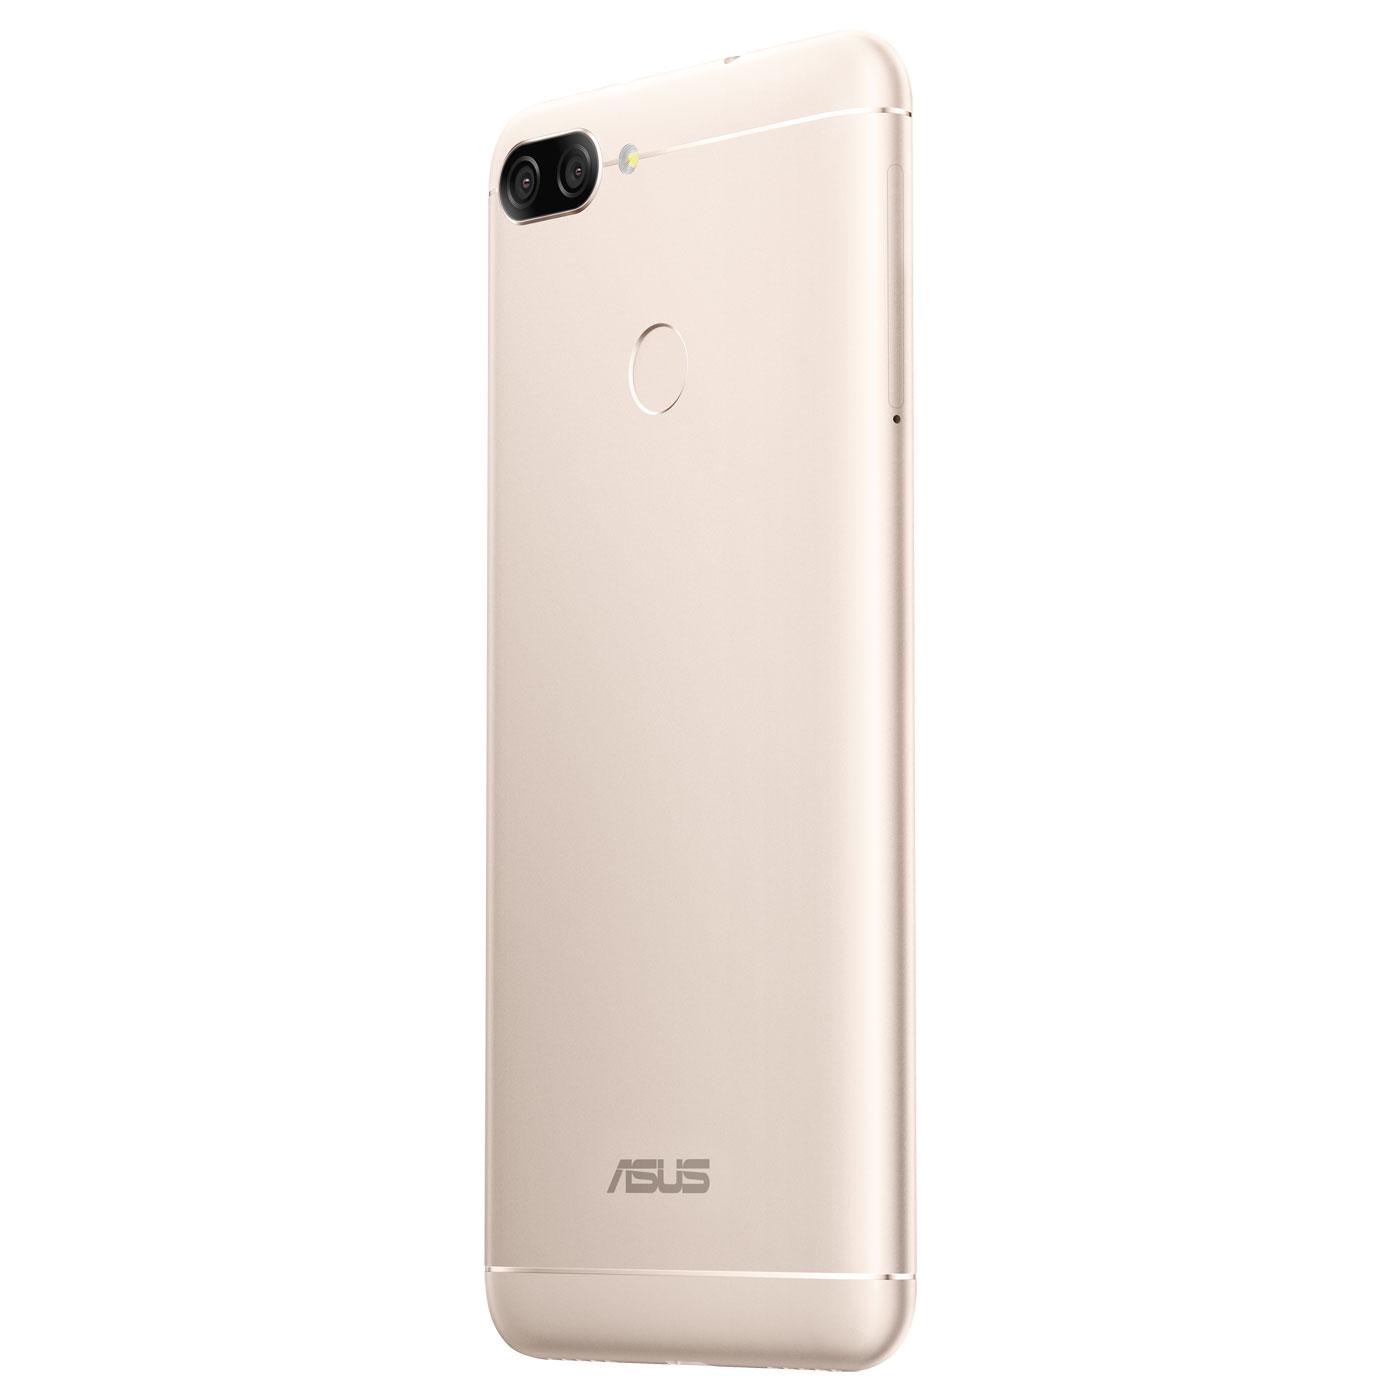 ASUS ZenFone Max Plus M1 Or